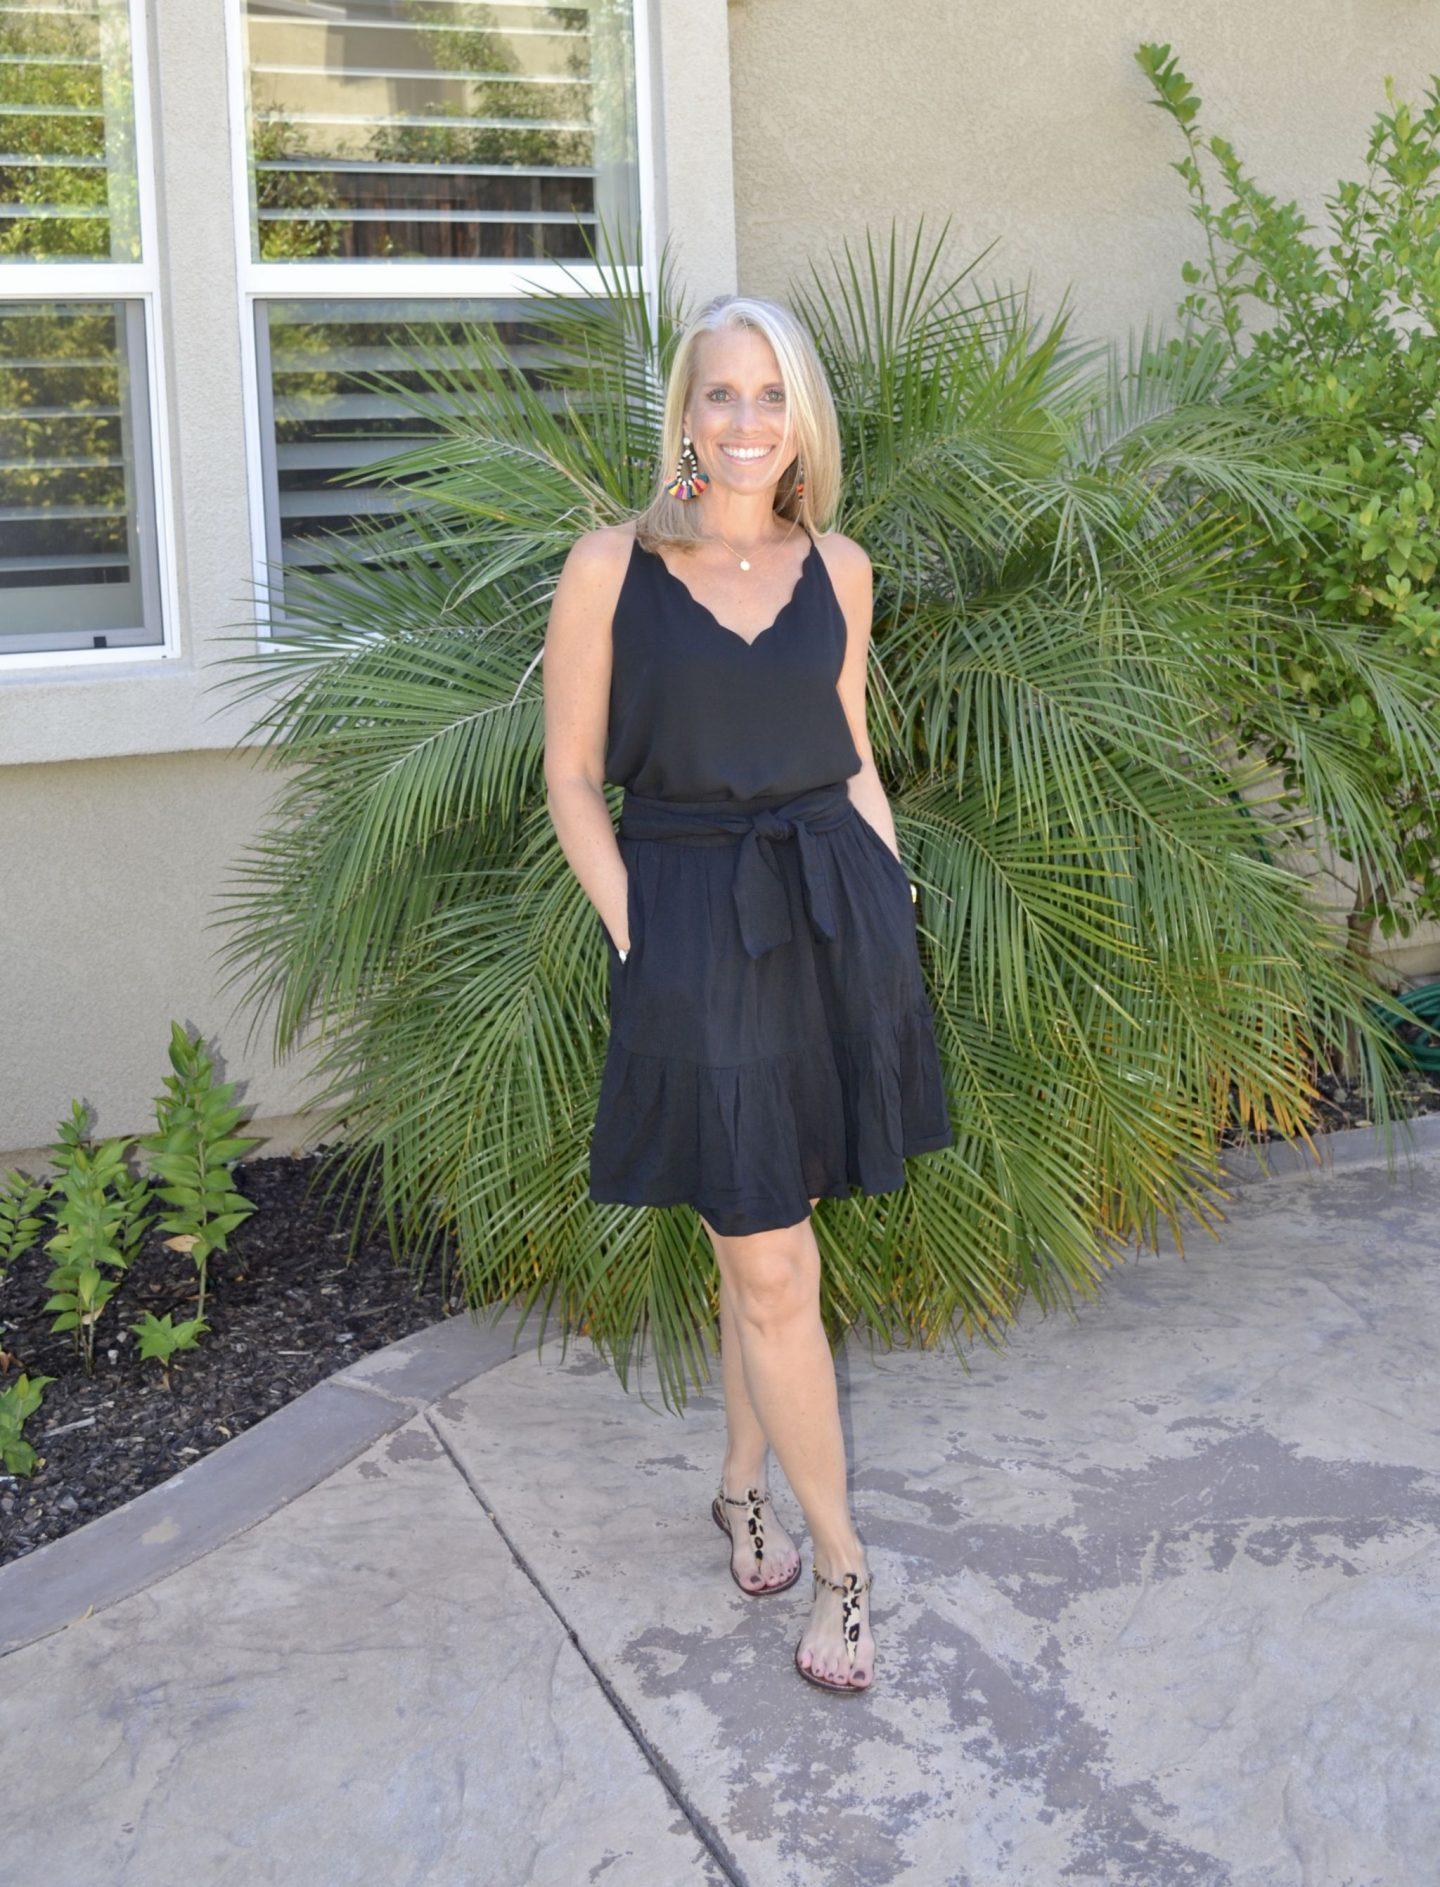 Gibson HiSugarplum skirt